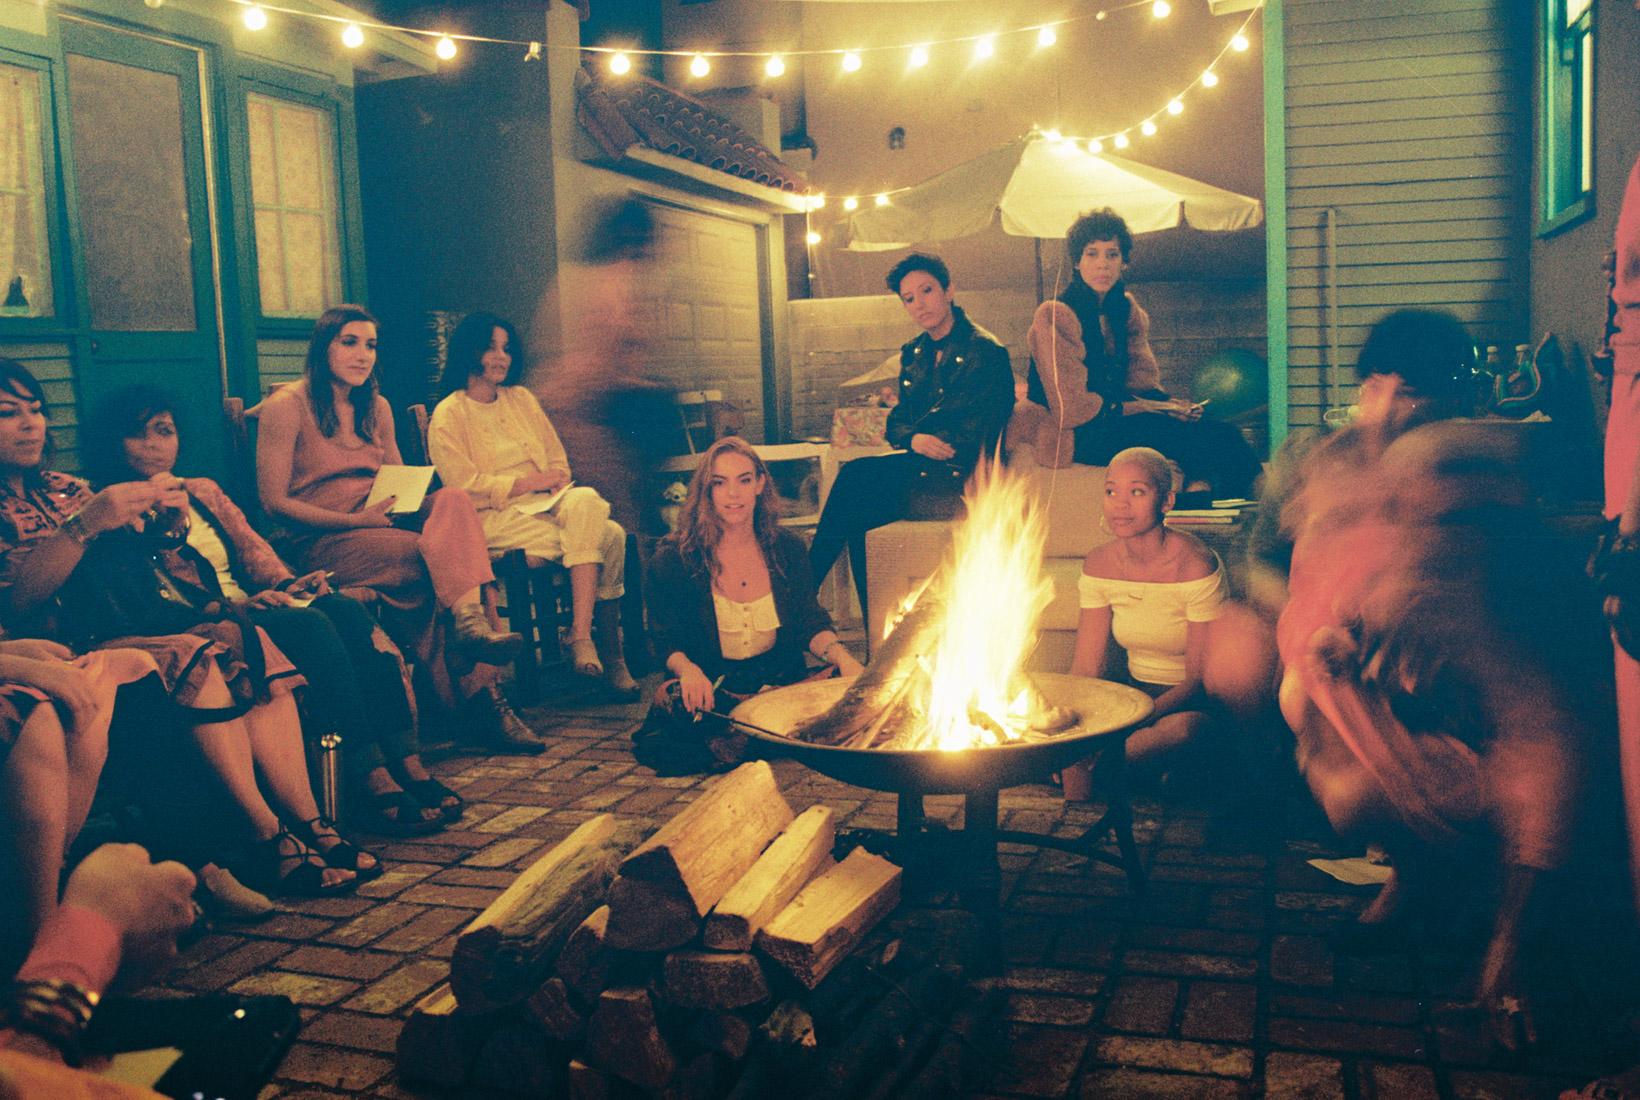 Jarina's backyard and company